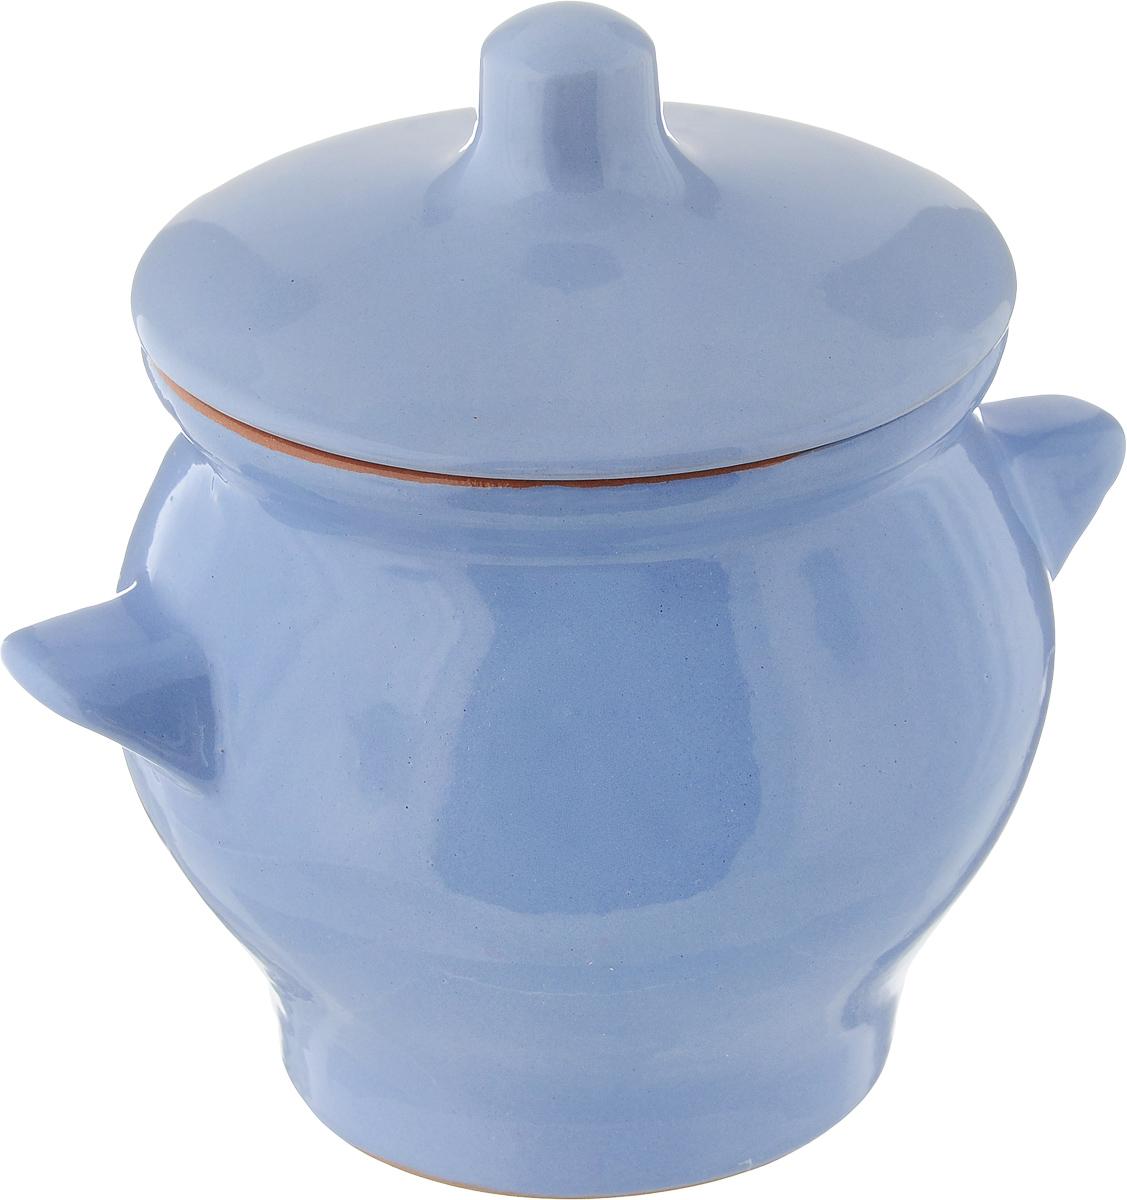 Горшочек для запекания Борисовская керамика Радуга, цвет: голубой, 650 млРАД00000347_голубойГоршочек для запекания Борисовская керамика Радуга выполнен из высококачественной красной глины. Уникальные свойства красной глины и толстые стенки изделия обеспечивают эффект русской печи при приготовлении блюд. Блюда, приготовленные в таком горшочке, получаются нежными и сочными. Вы сможете приготовить мясо, сделать томленые овощи и все это без капли масла. Это один из самых здоровых способов готовки. Диаметр горшка (по верхнему краю): 11 см. Высота стенок: 11,5 см.